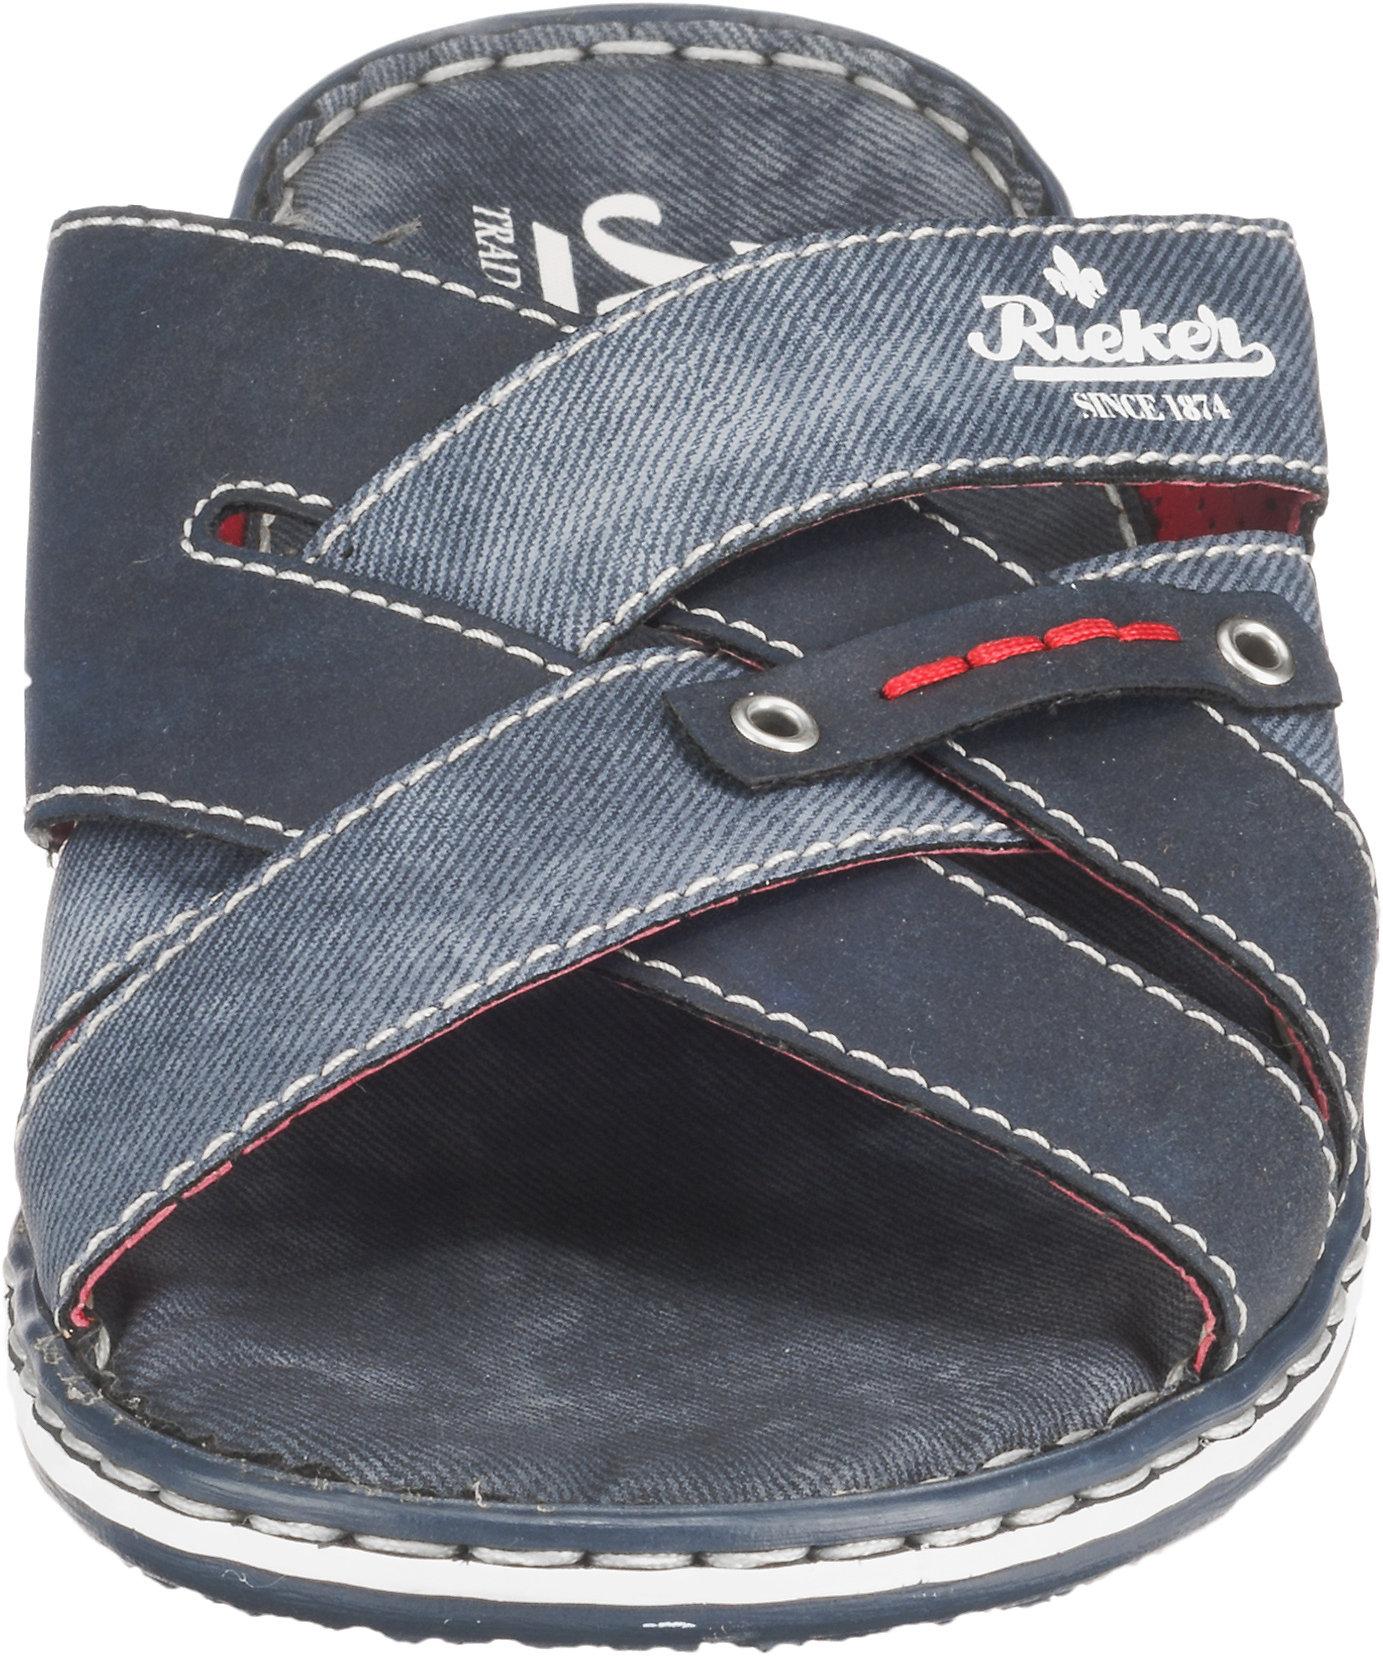 Neu rieker Pantoletten 10612911 für Herren blau schwarz